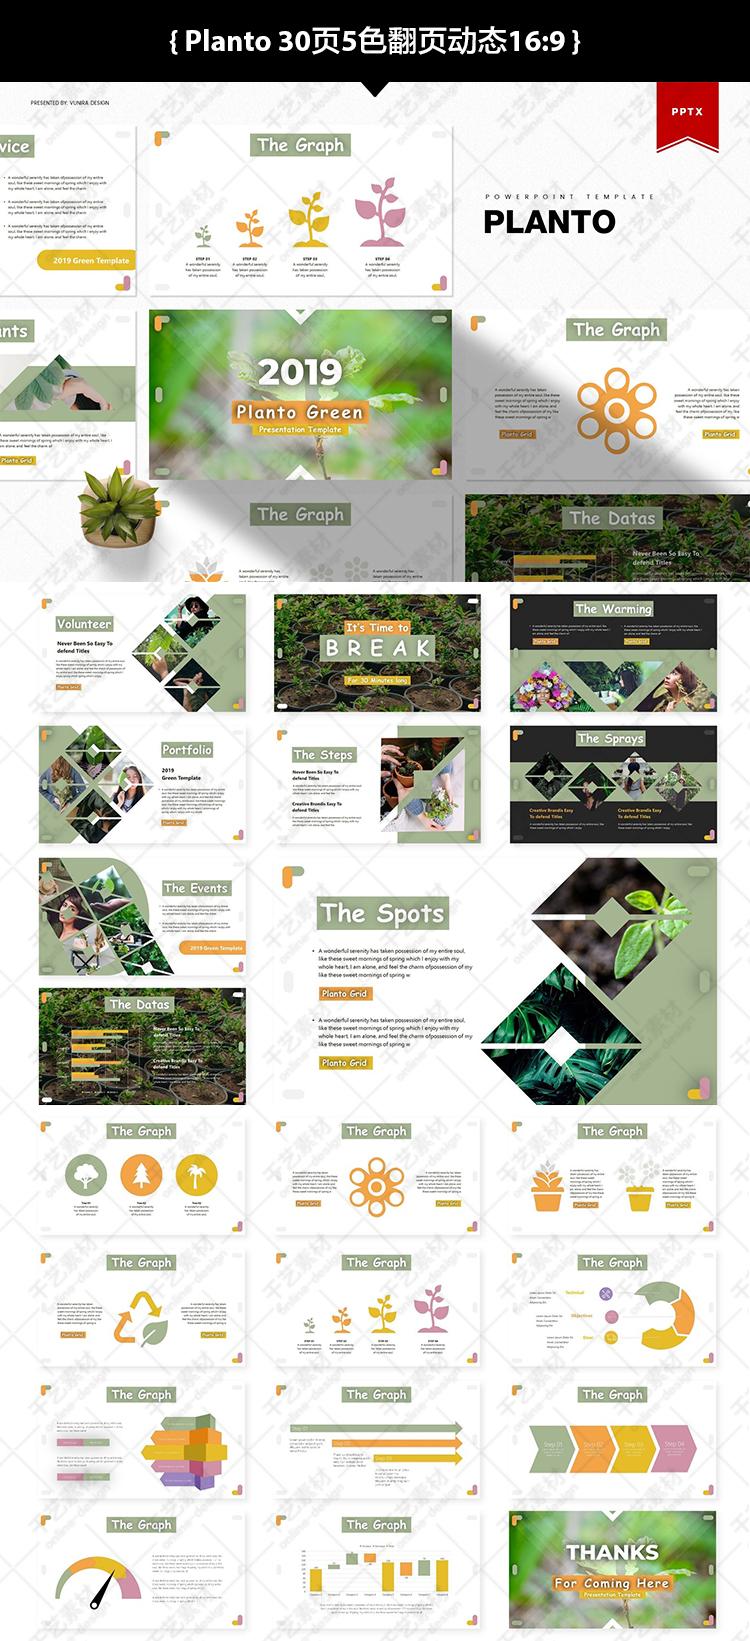 自然农业ppt素材扁平化图形项目展示工作总结汇报 ppt模板下载新插图(14)